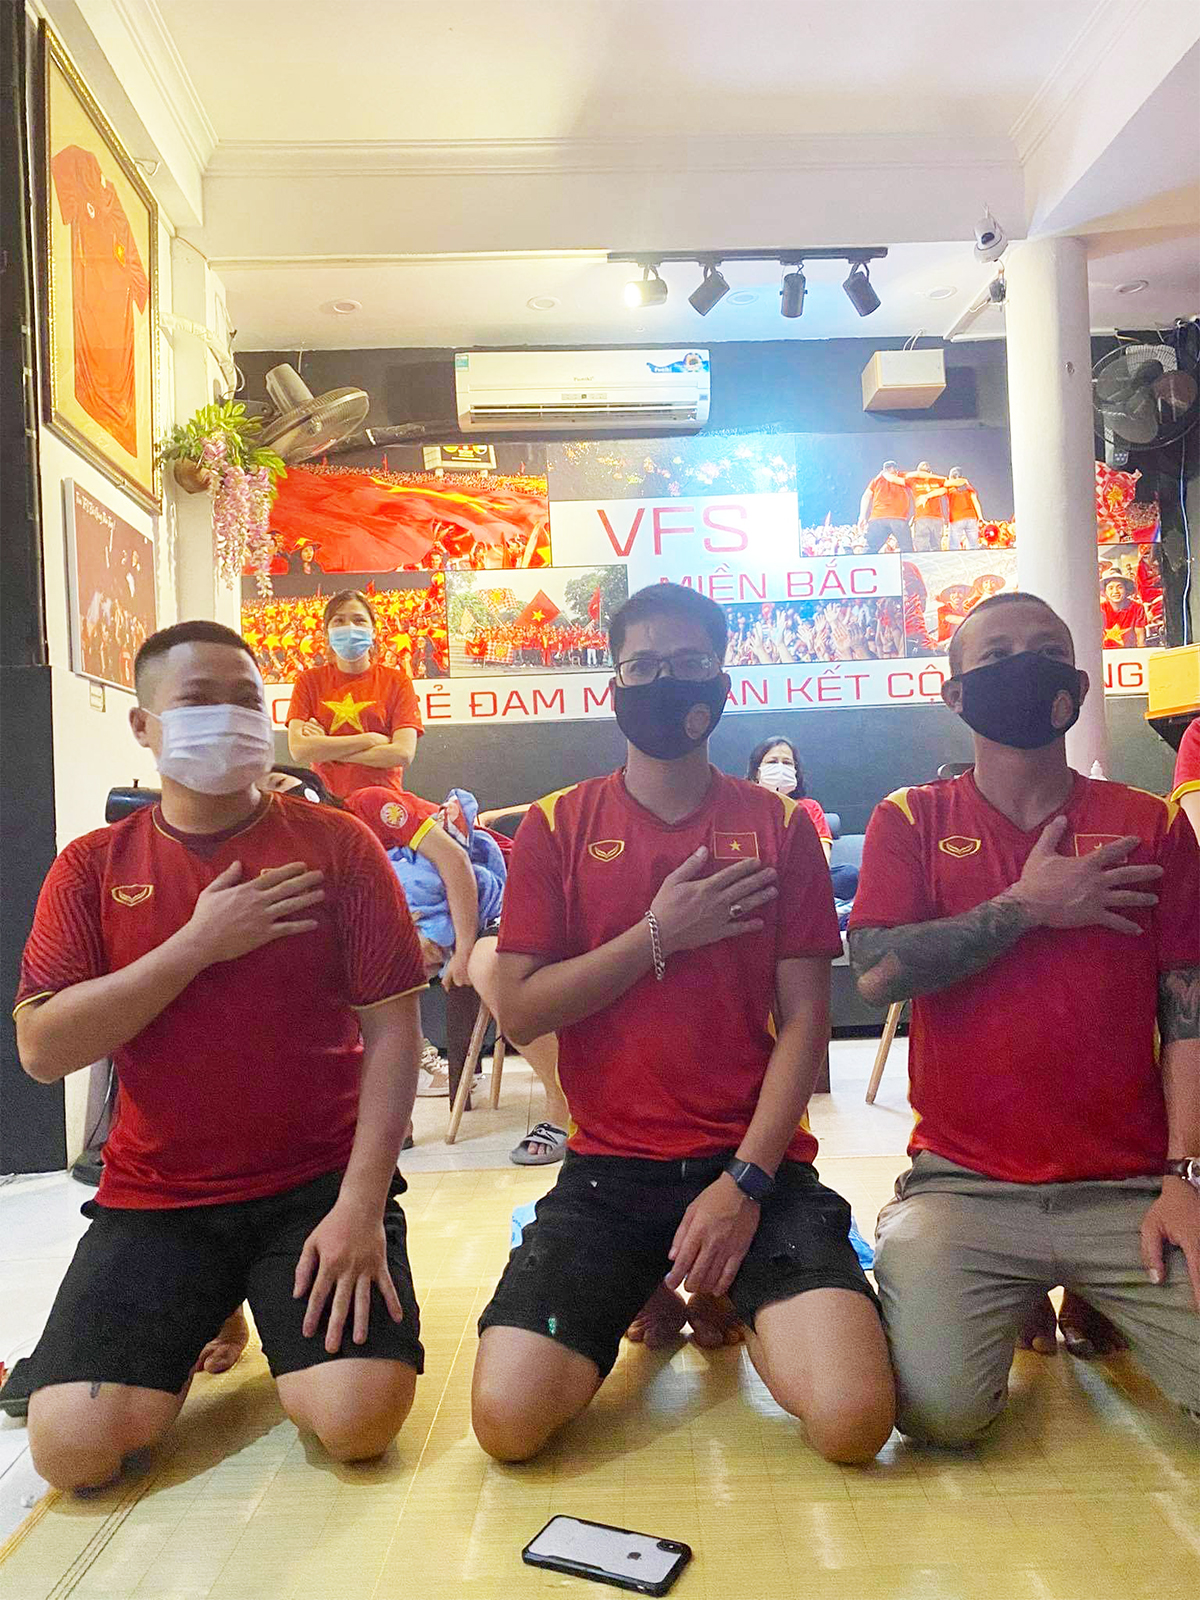 Việt Nam thắng Indonesia 4-0 giữa mùa dịch: Người đeo khẩu trang, người đóng cửa cổ vũ - hình ảnh 7